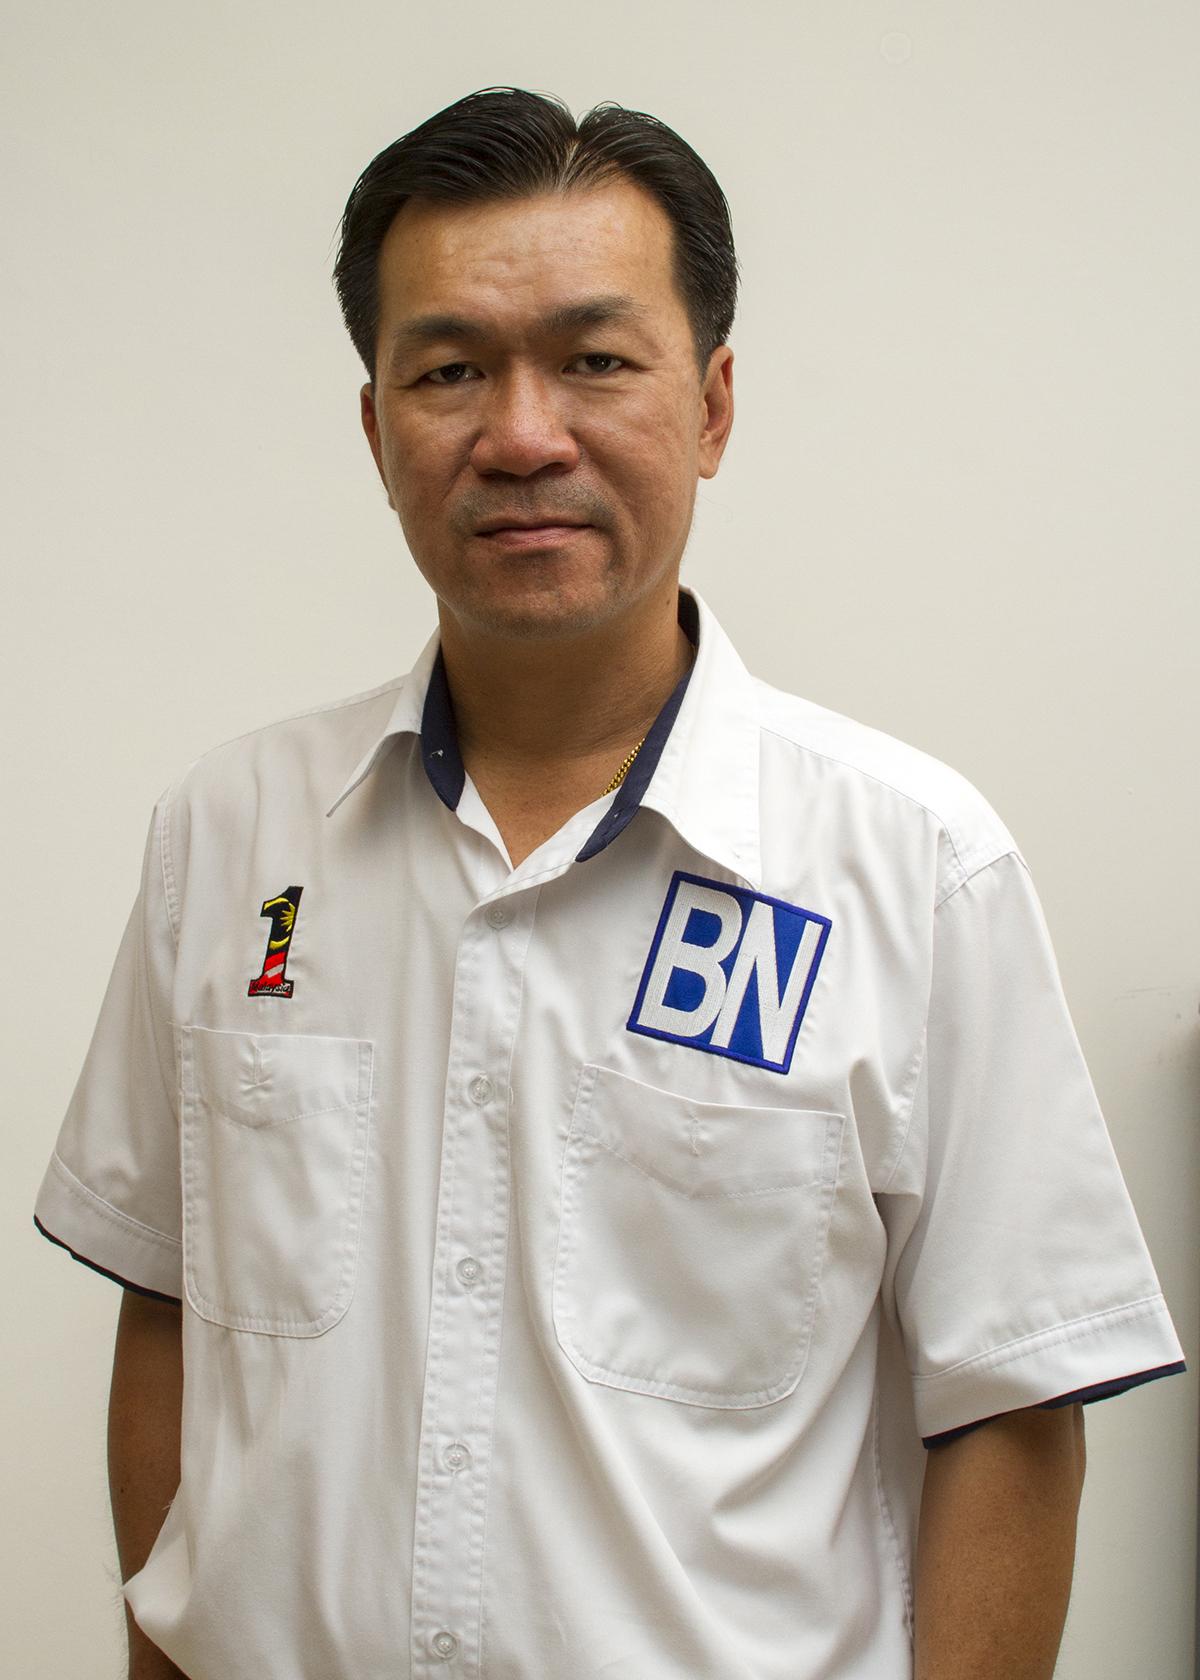 人联党青年团秘书长叶耀星。